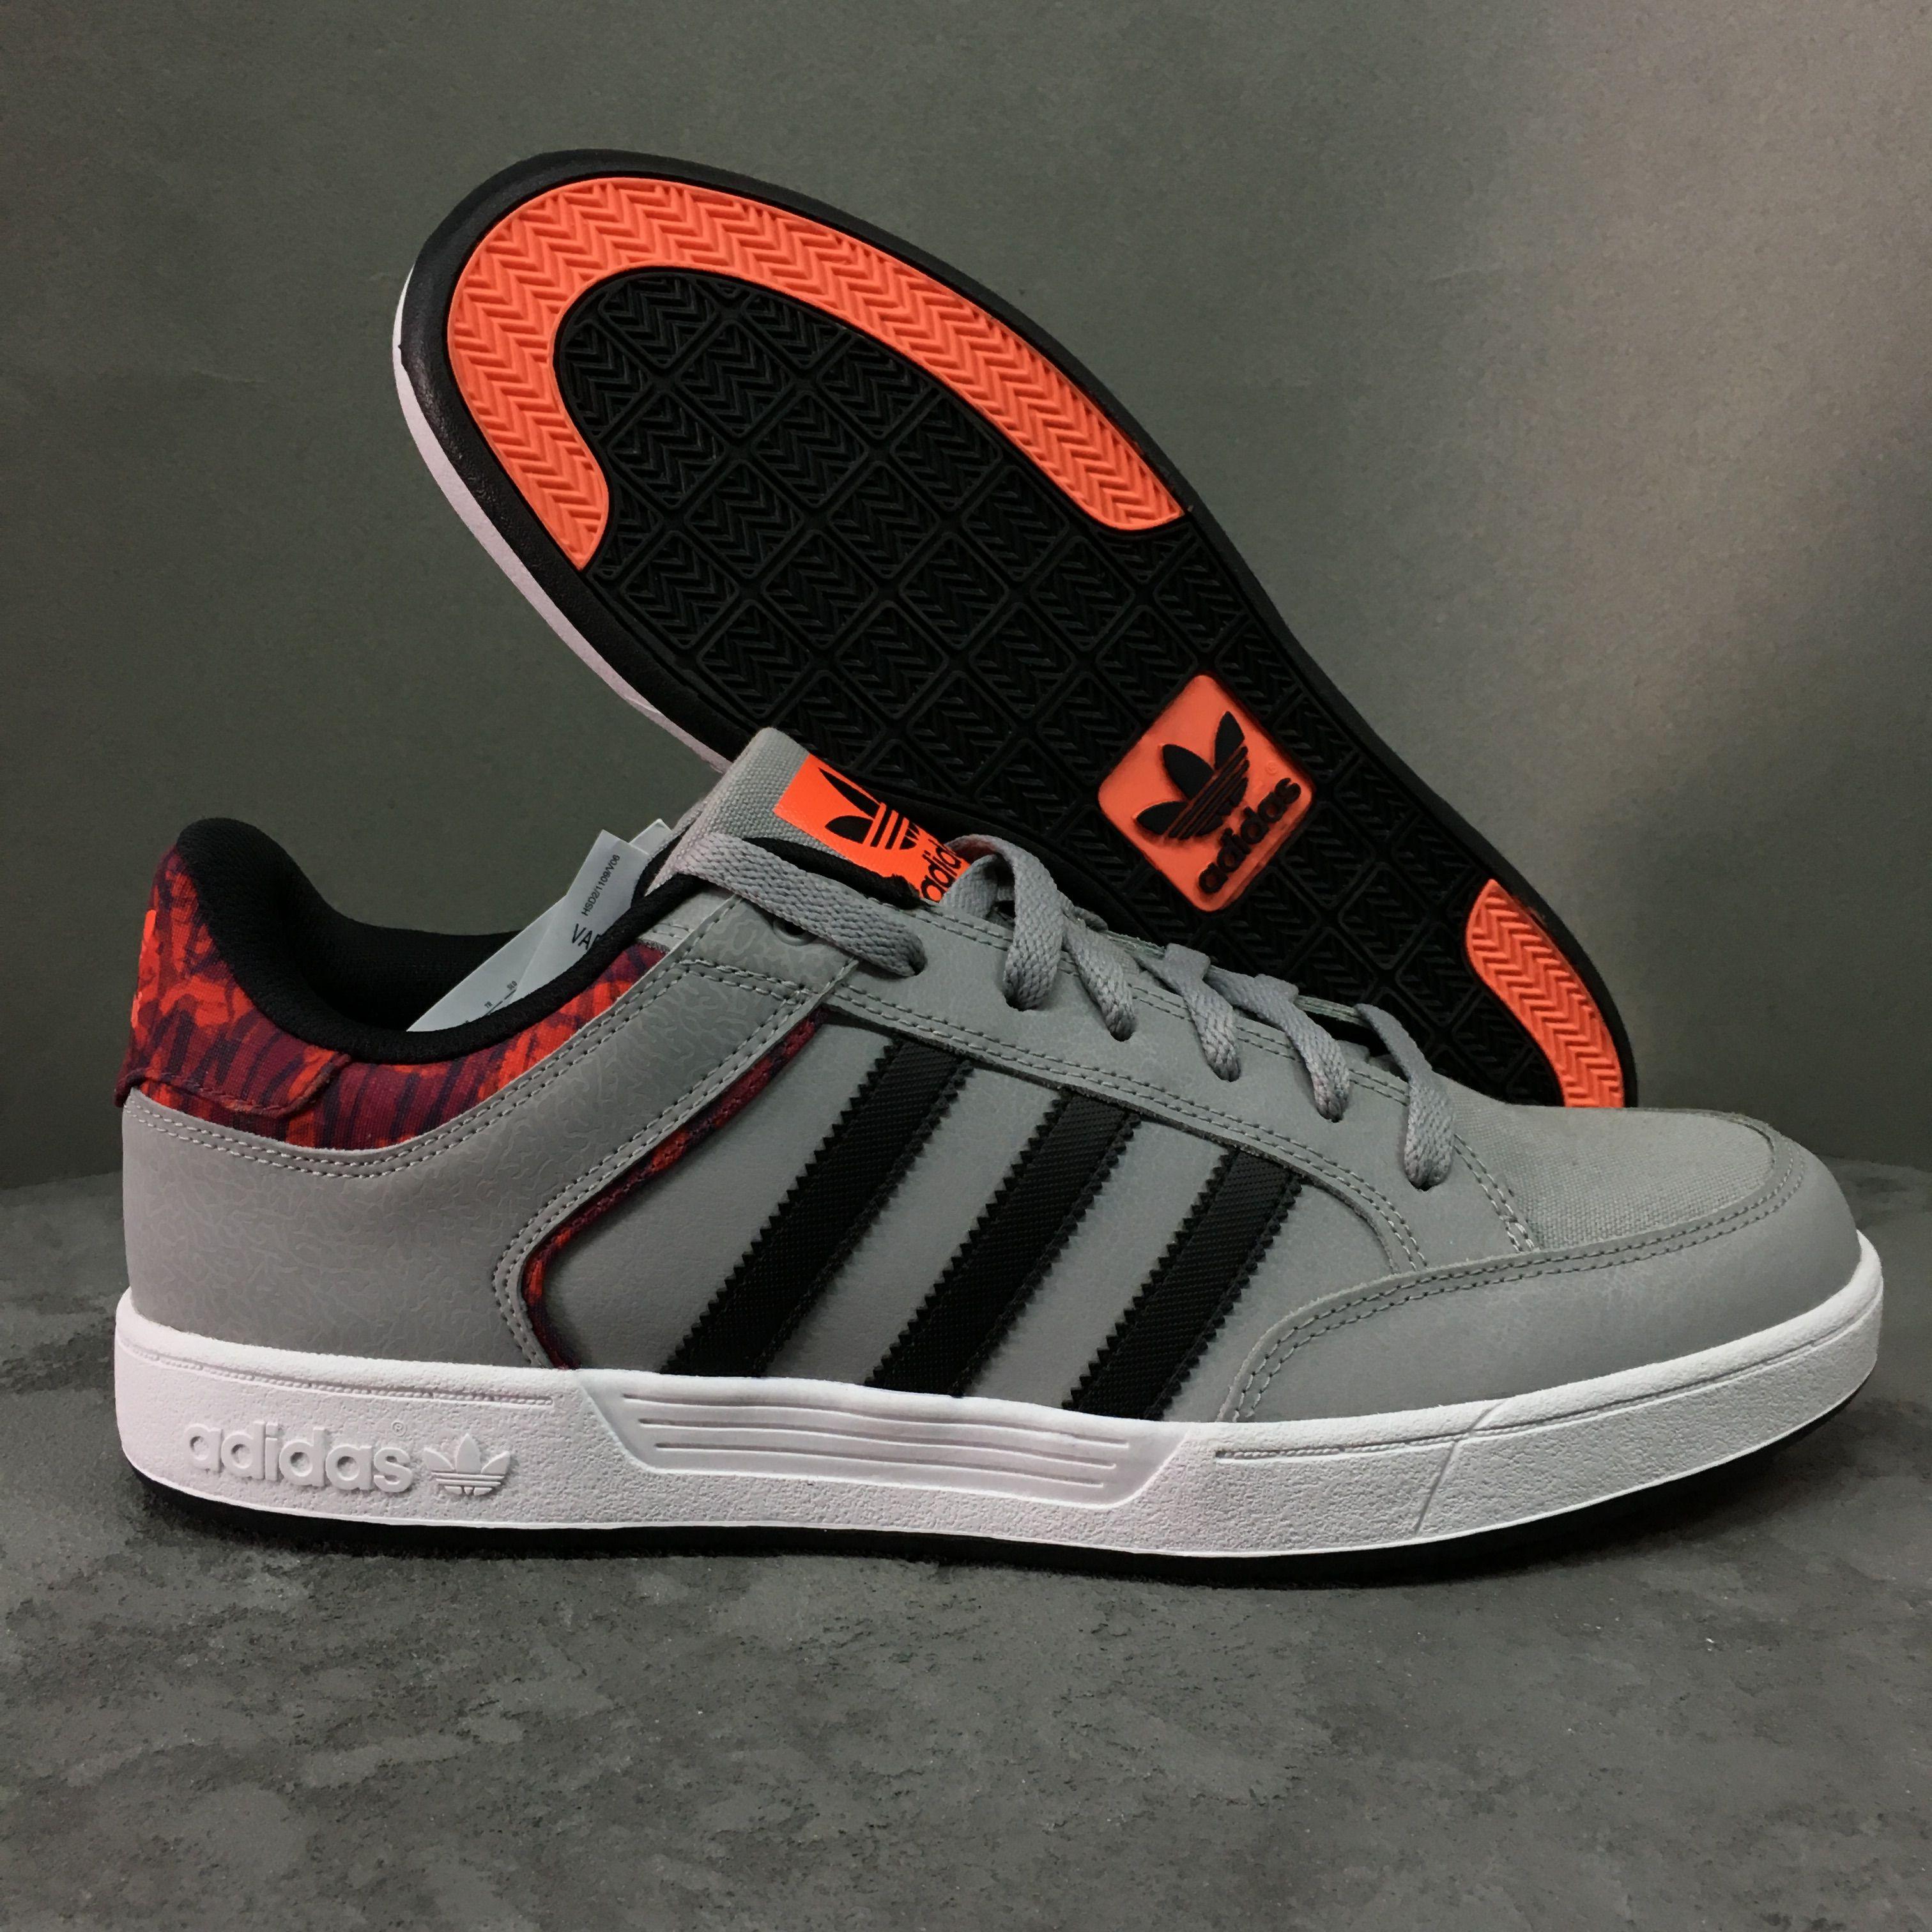 Adidas Varial Low C77599 Https Shopchik Prom Ua P512849176 Muzhskie Krossovki Adidas Html